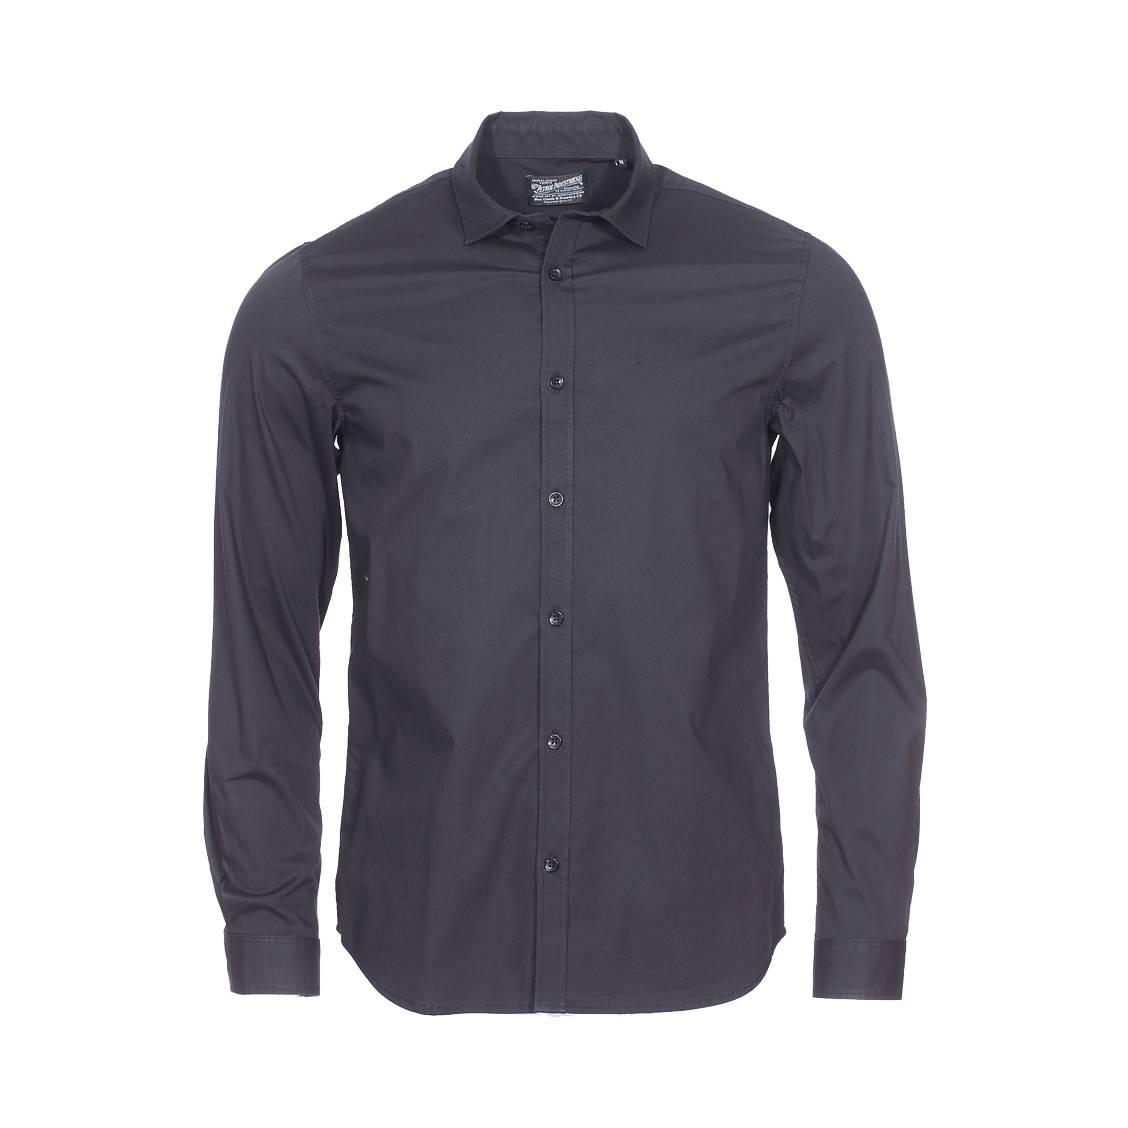 Chemise ajustée  en coton stretch noir